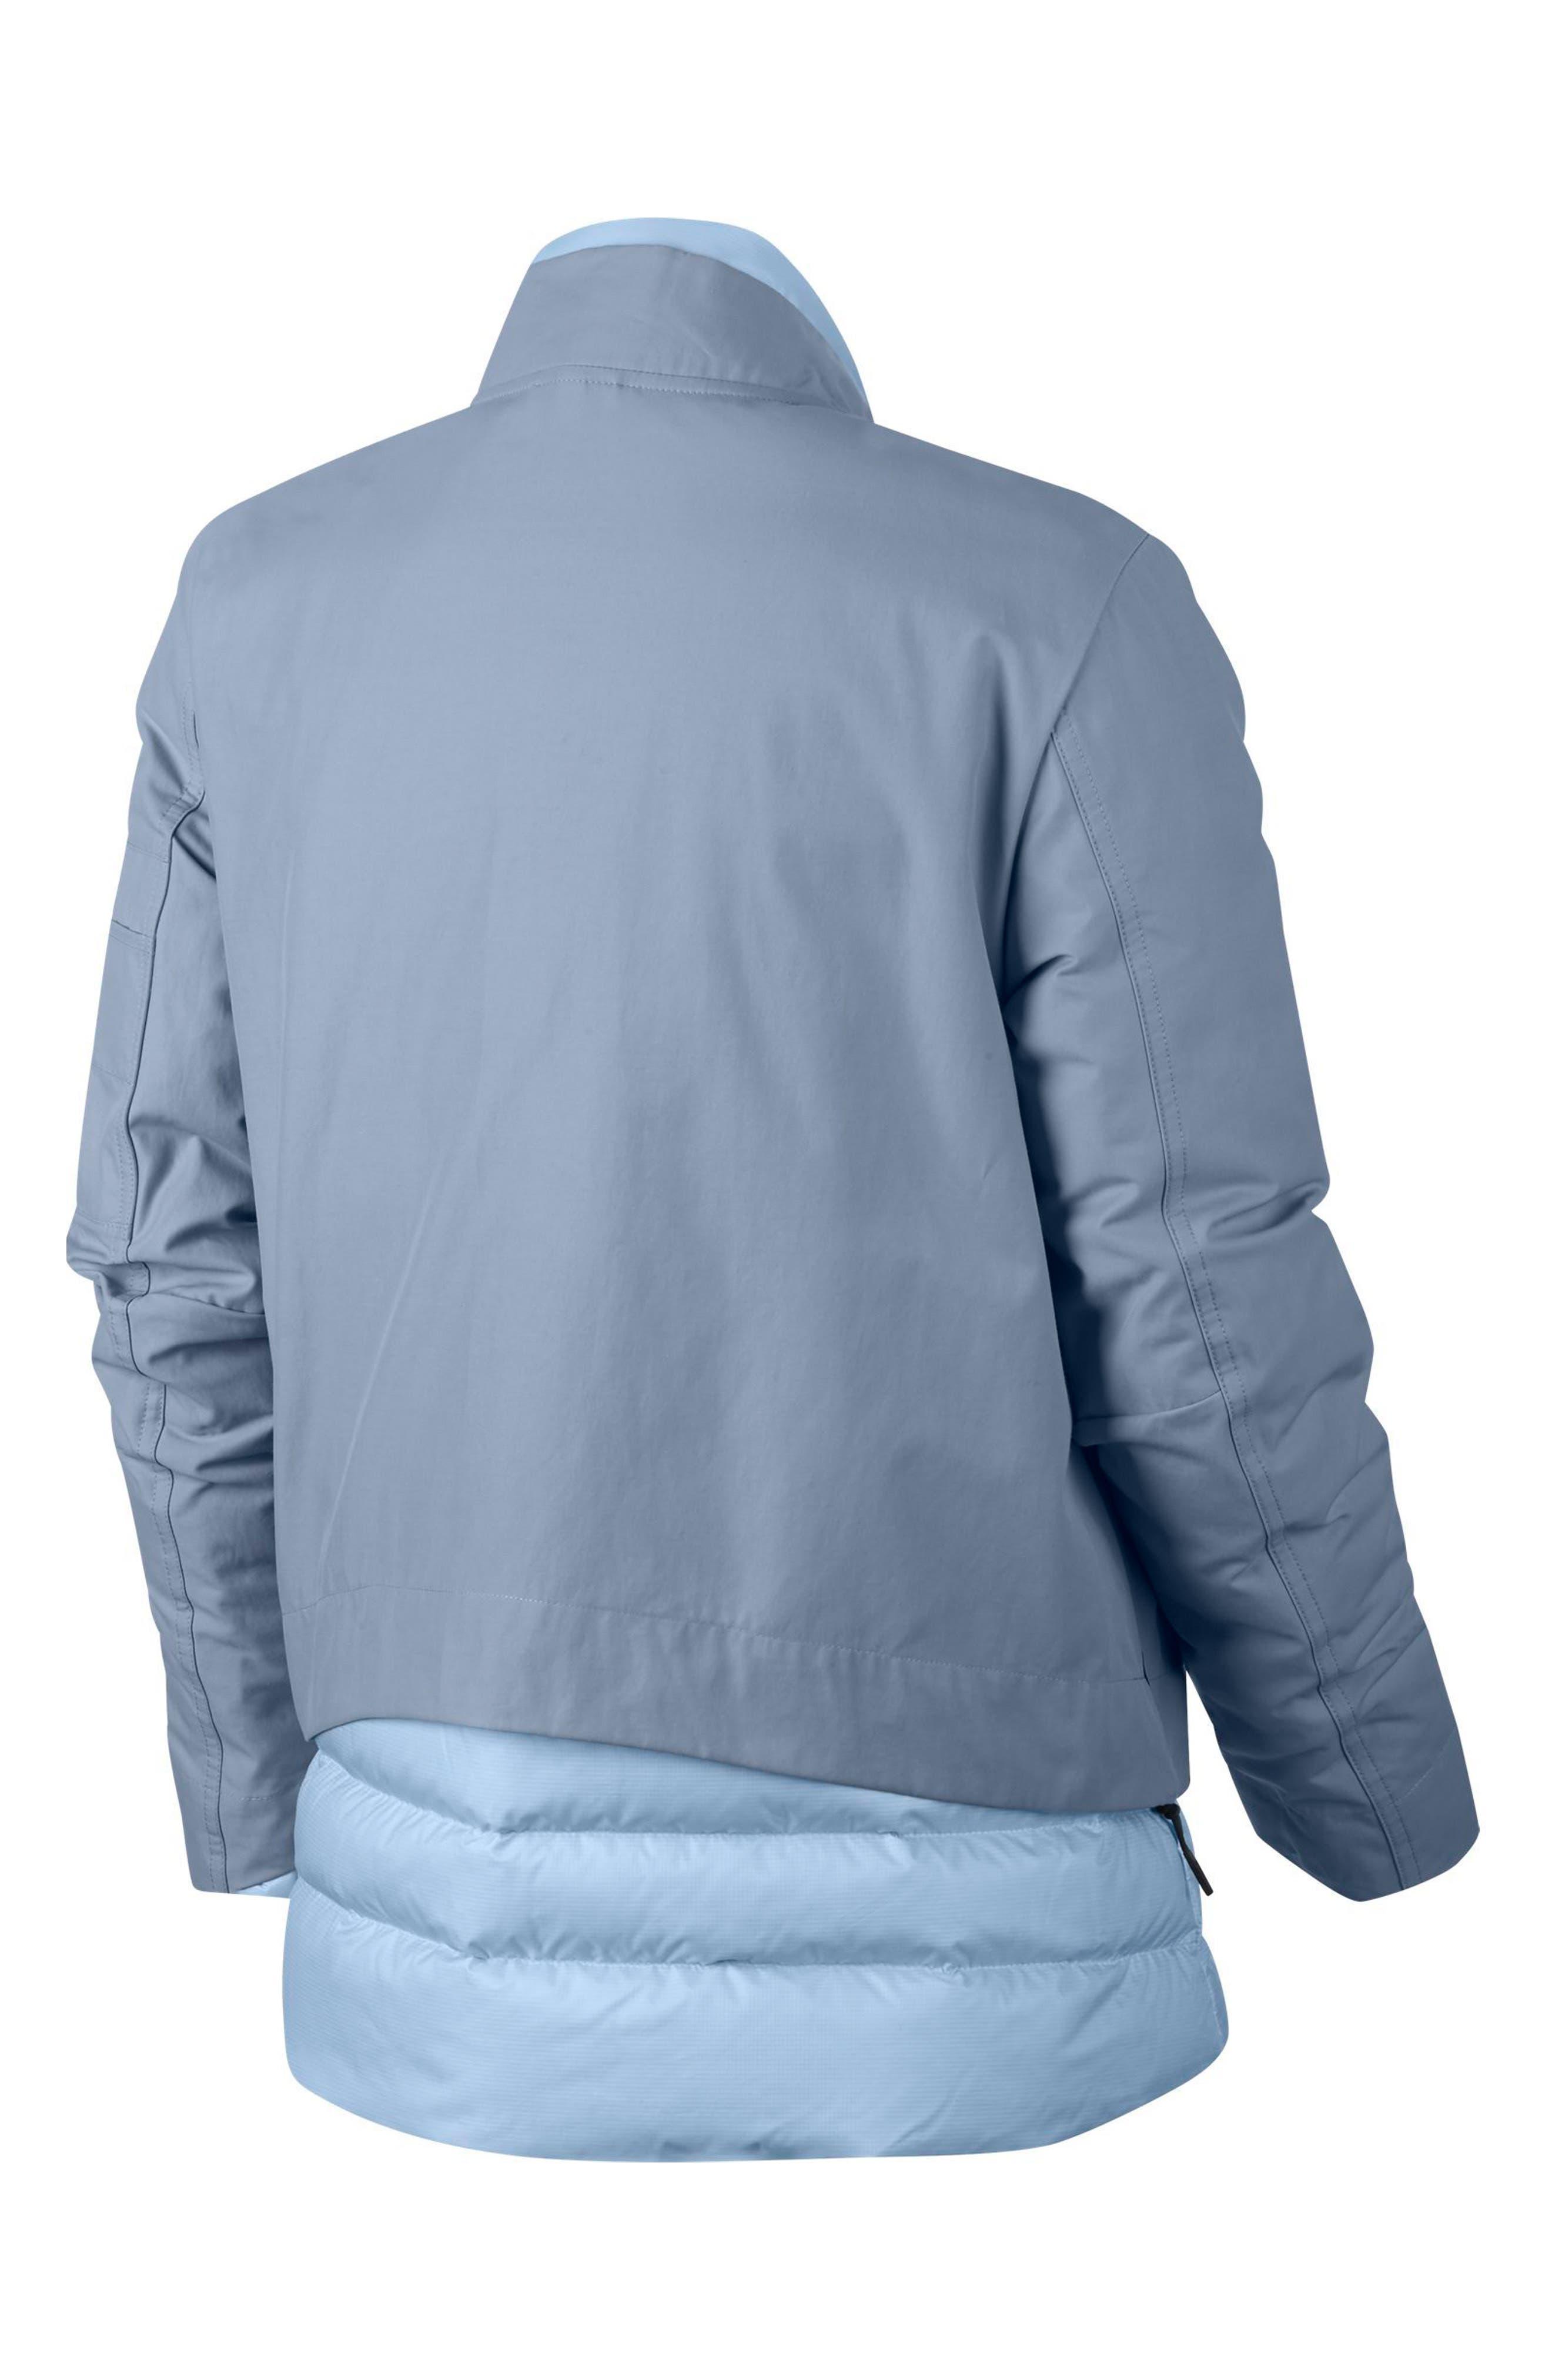 Sportswear AeroLoft 3-in-1 Down Jacket,                             Alternate thumbnail 4, color,